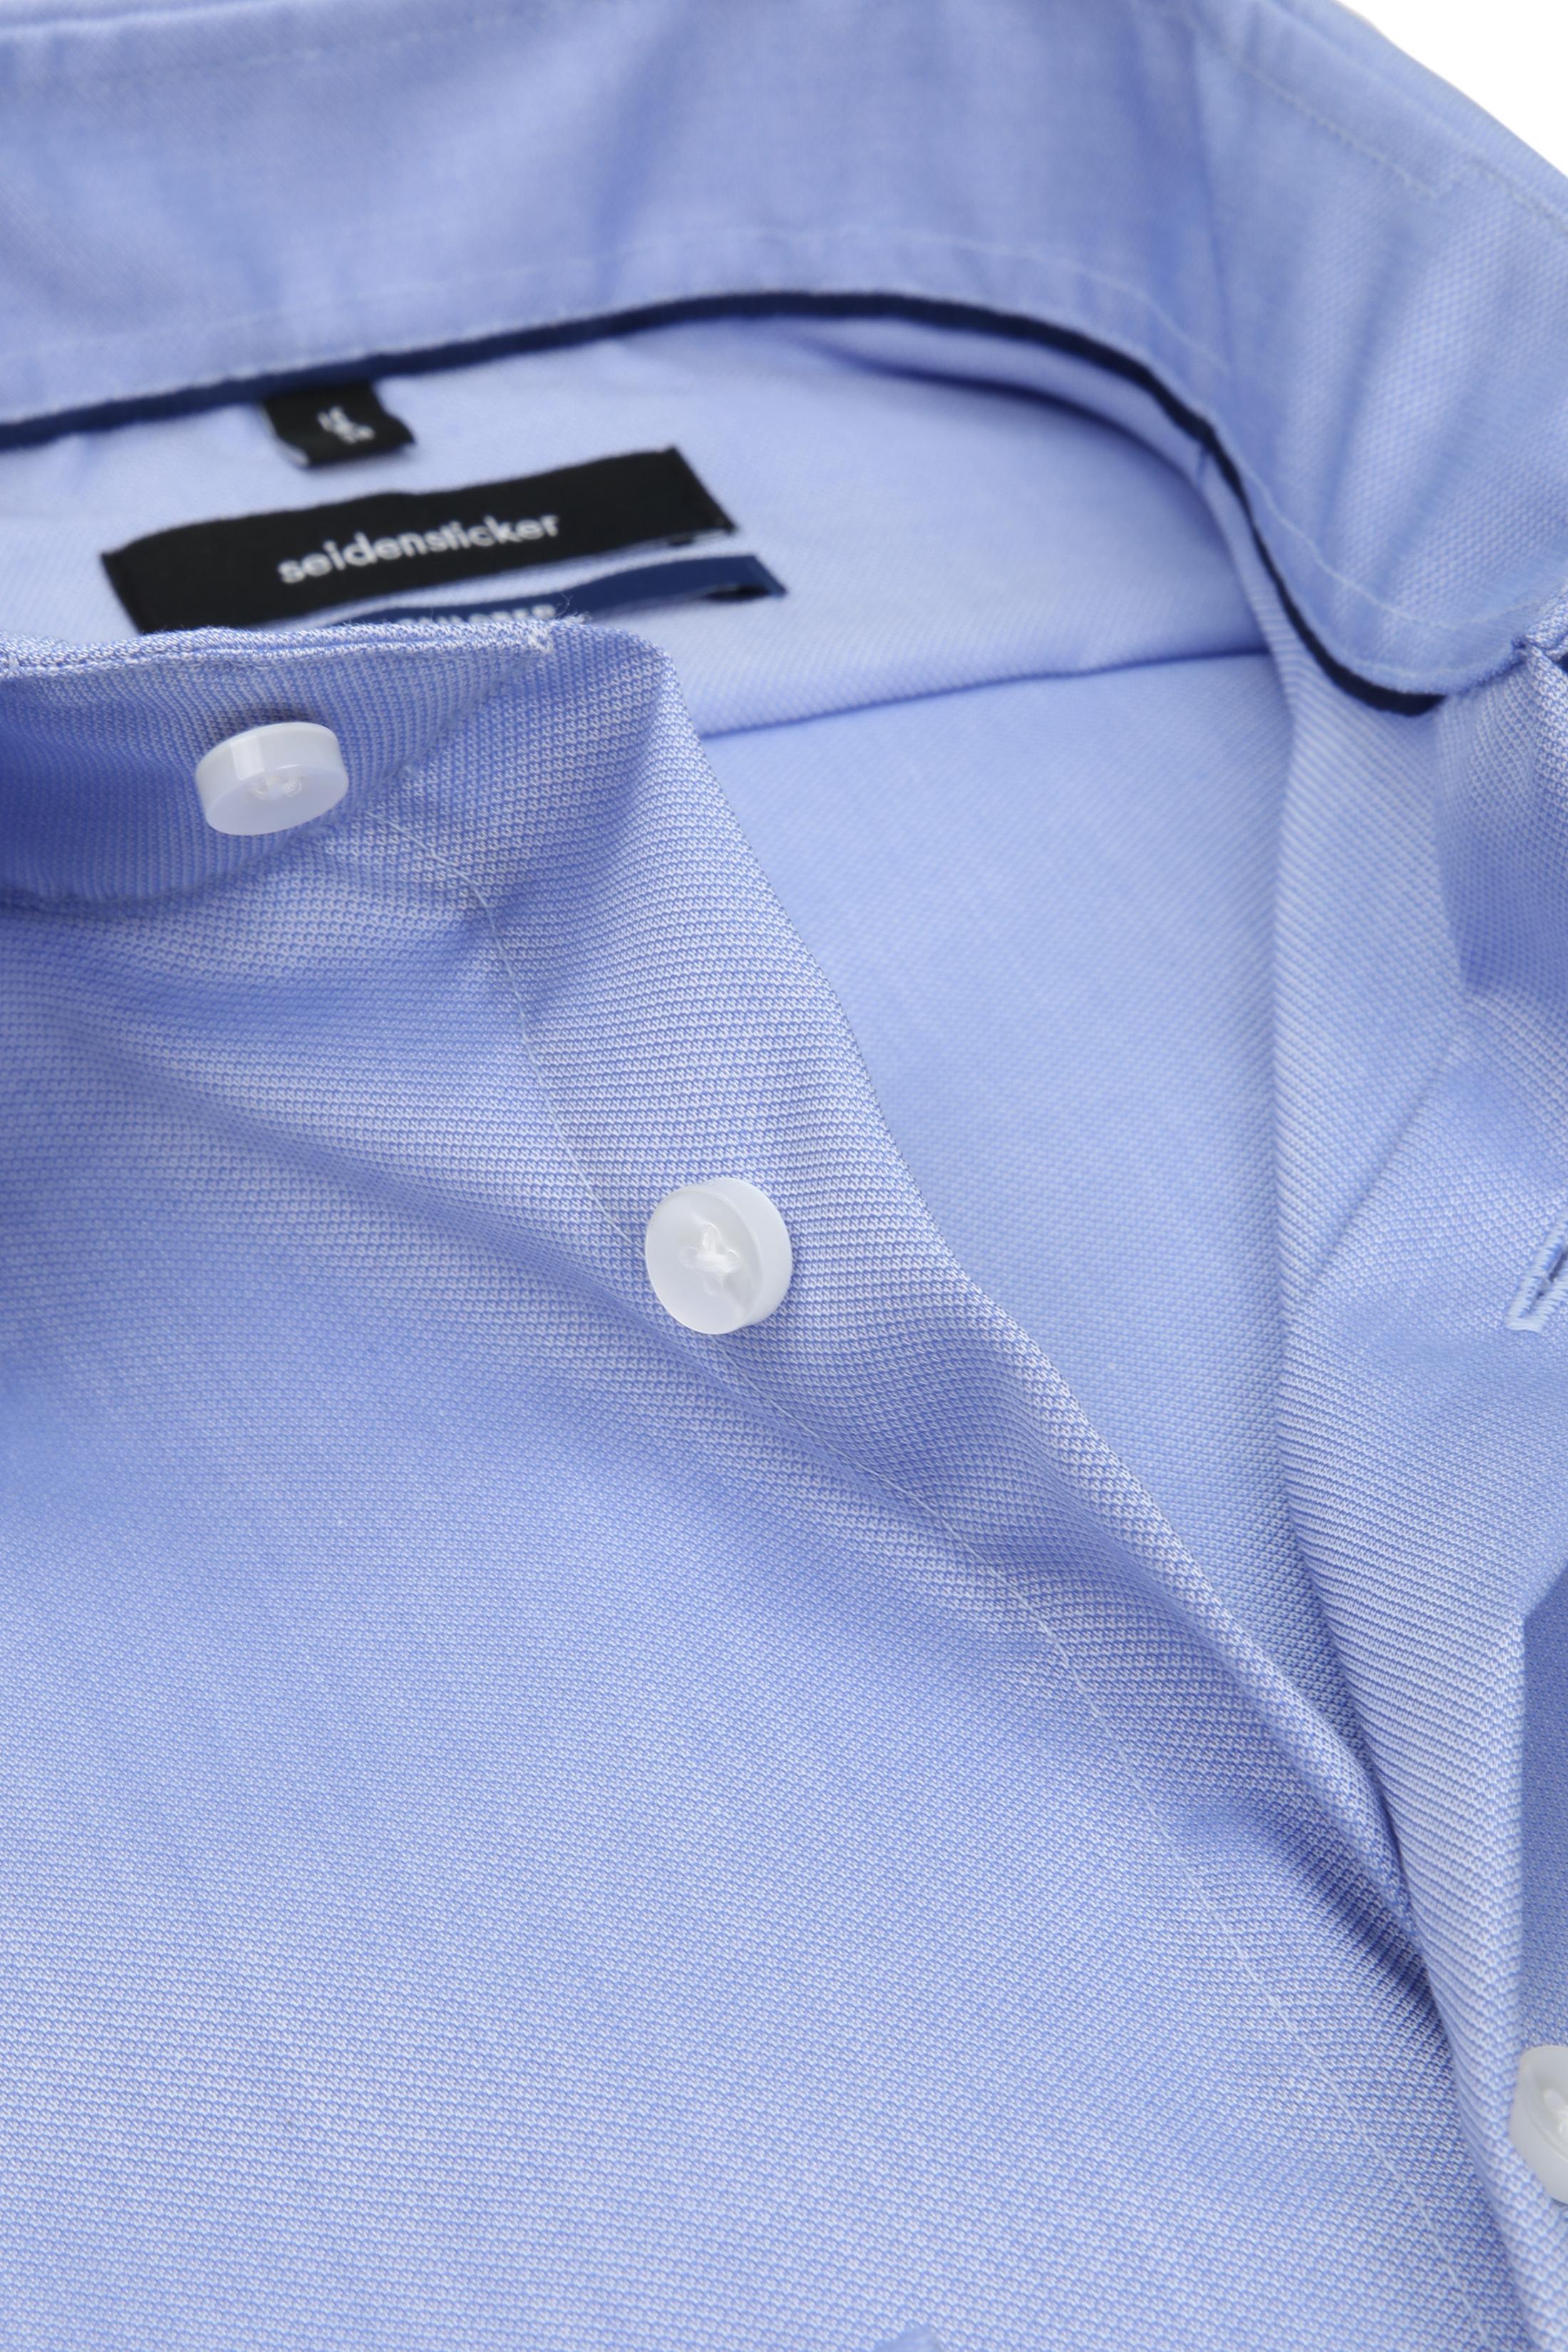 Seidensticker Overhemd TF Dessin Blauw foto 1